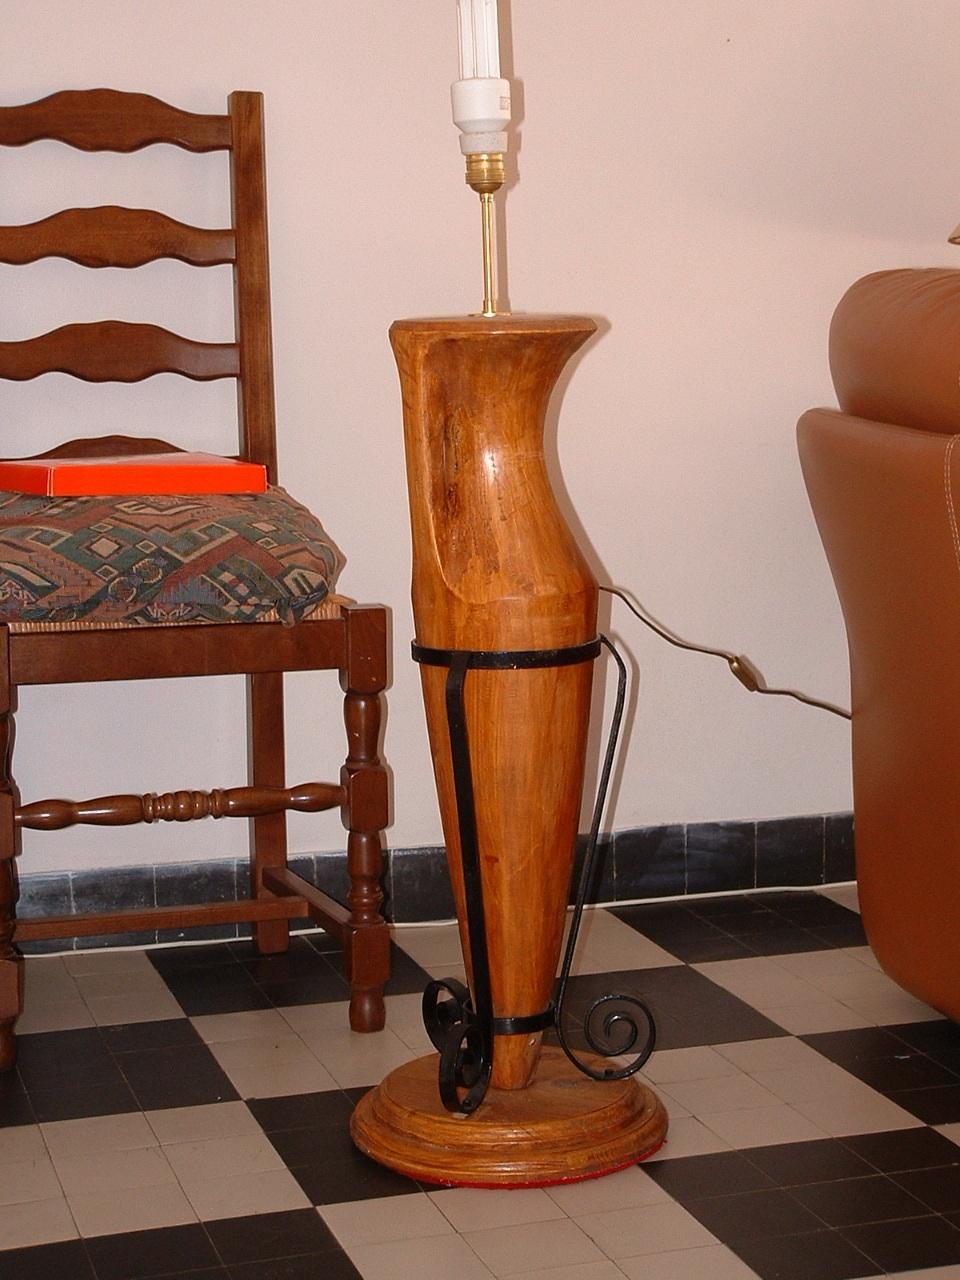 Pied de lampe amphore 2005 80x15